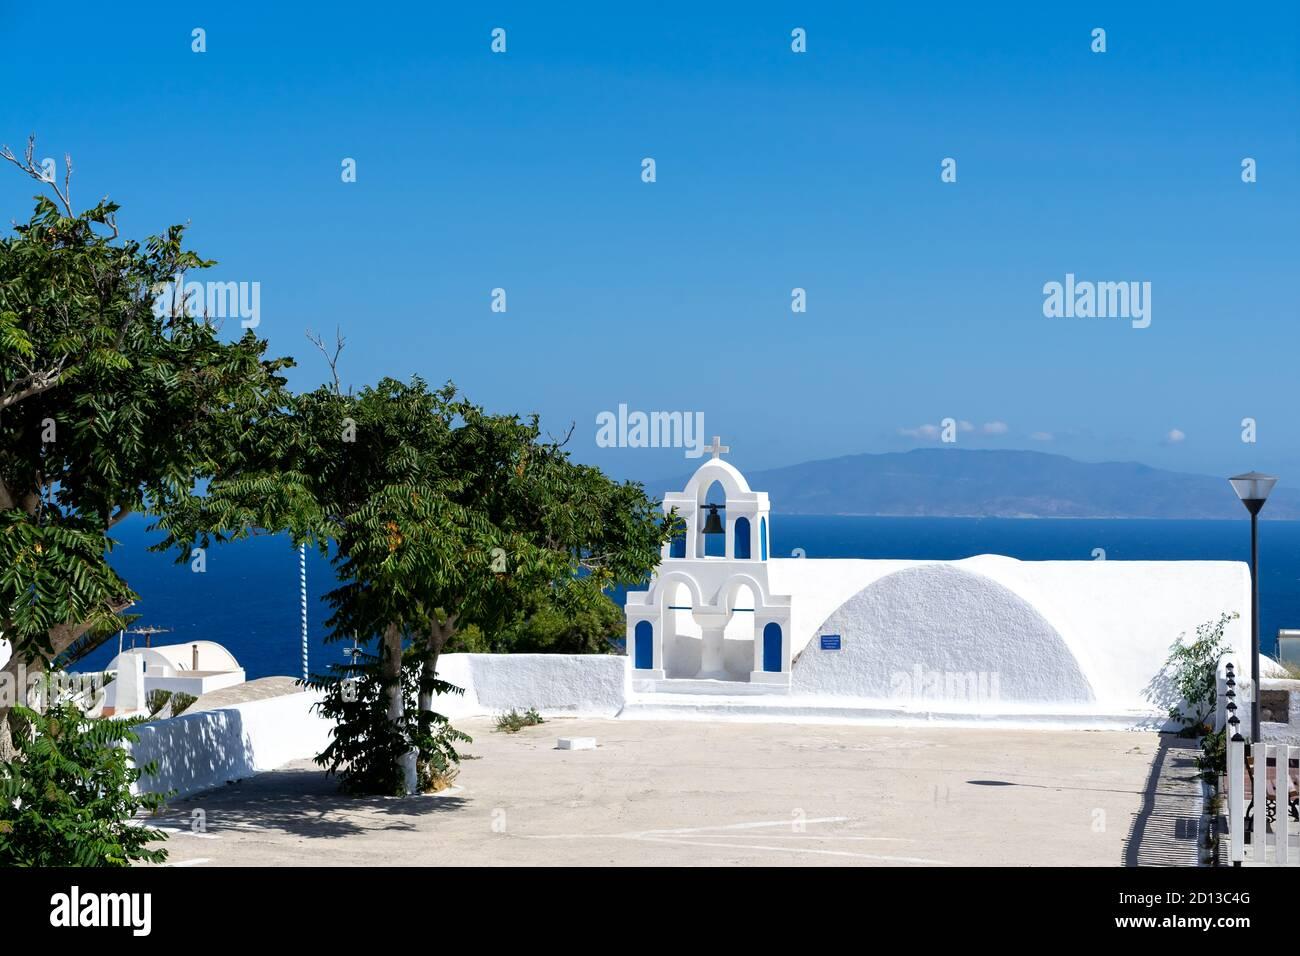 Détail typique d'un clocher d'une église blanche orthodoxe dans le village d'Oia, santorini, cyclades, Grèce. Banque D'Images